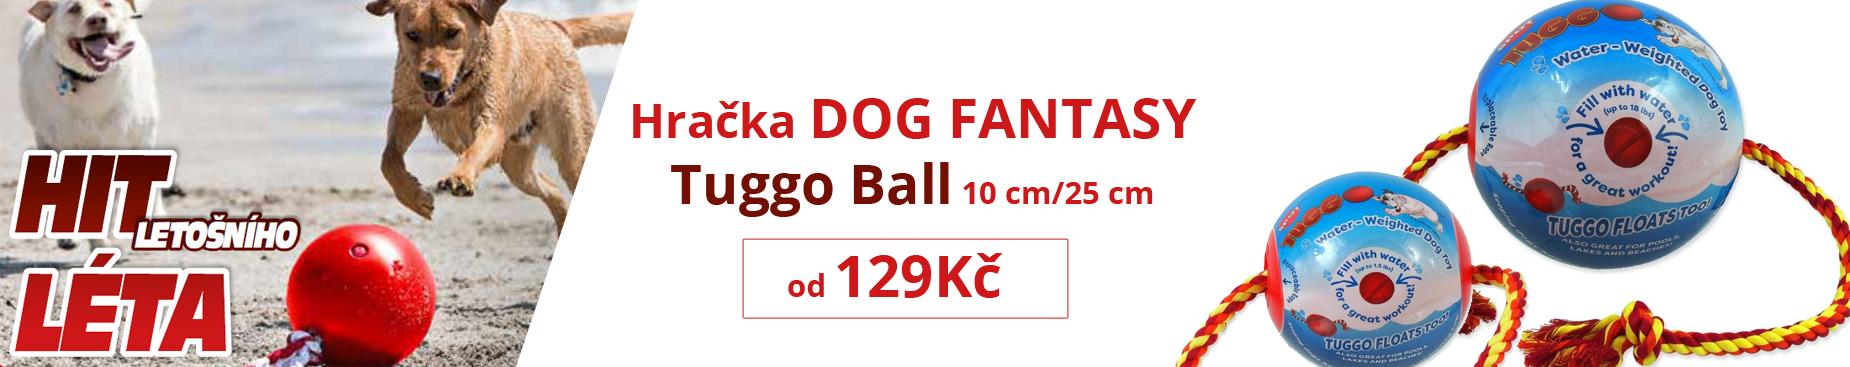 Hračka DOG FANTASY Tuggo Bal